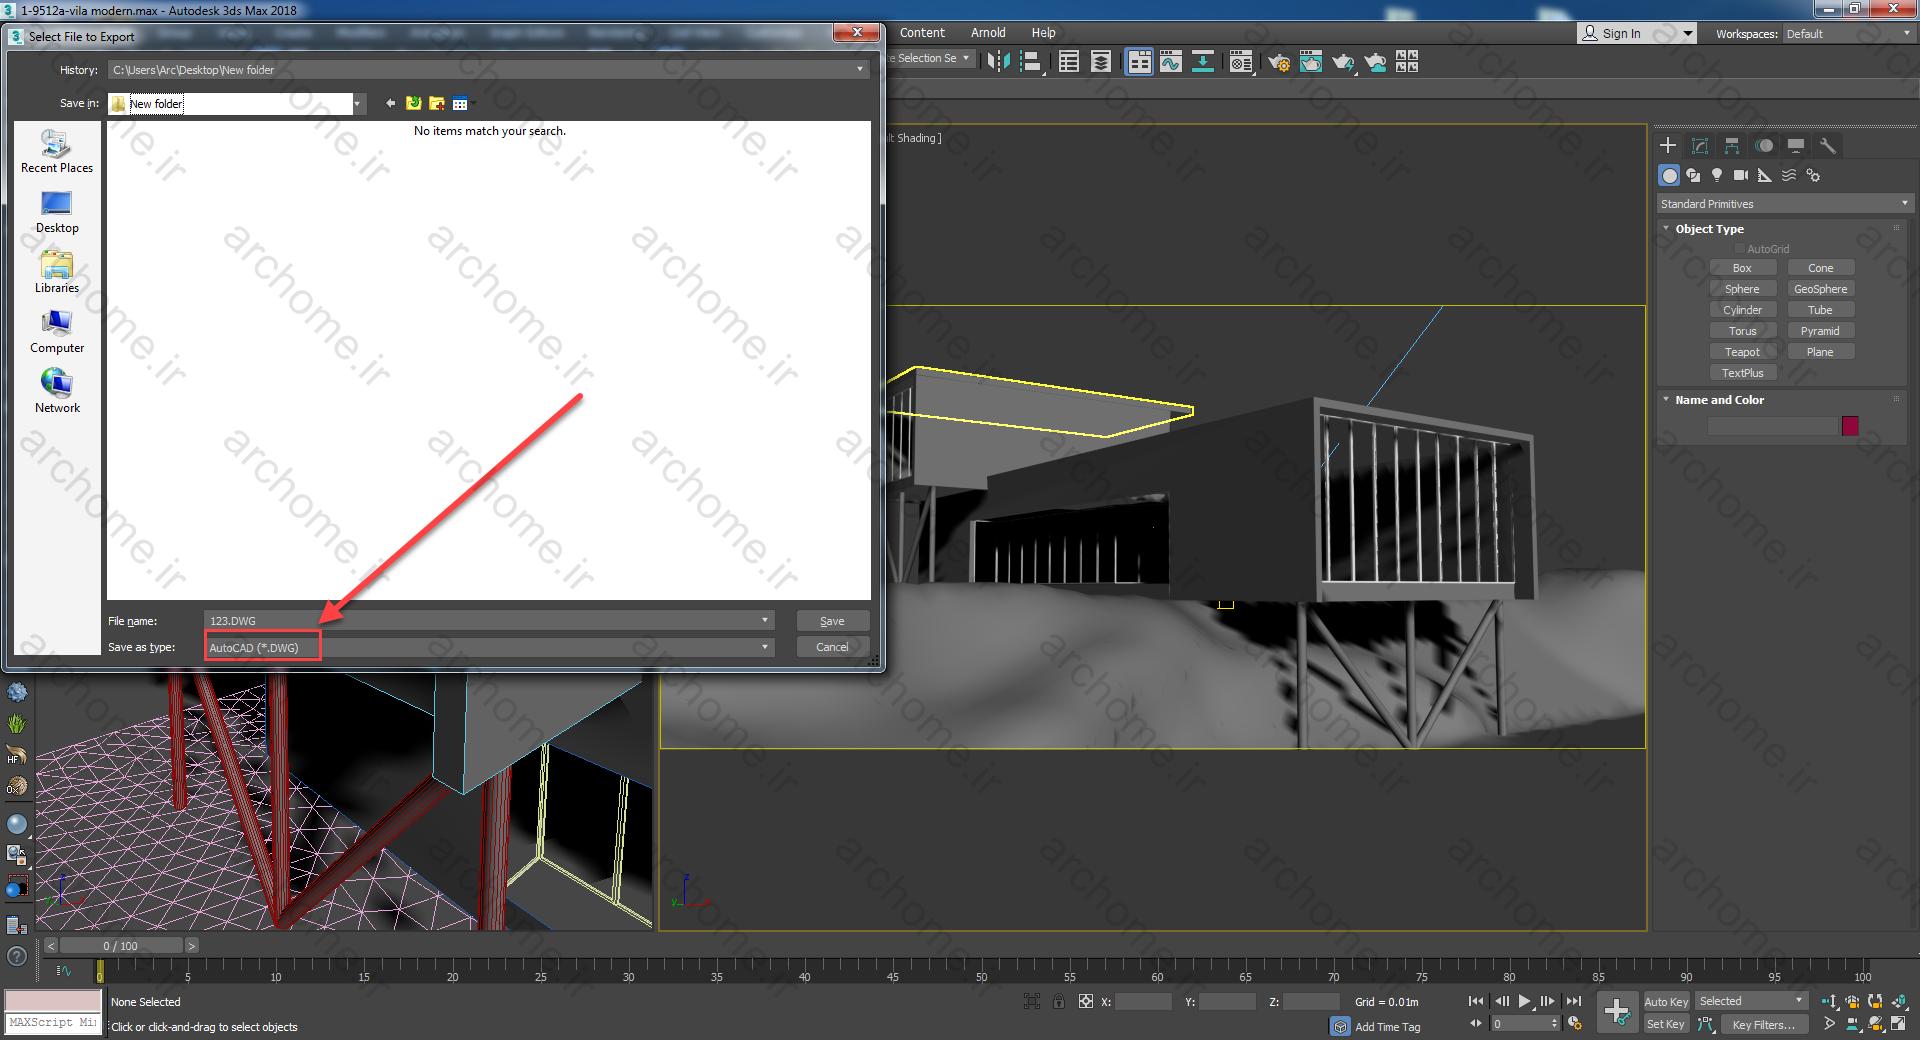 تبدیل حجم سه بعدی به نما یا پلان دو بعدی